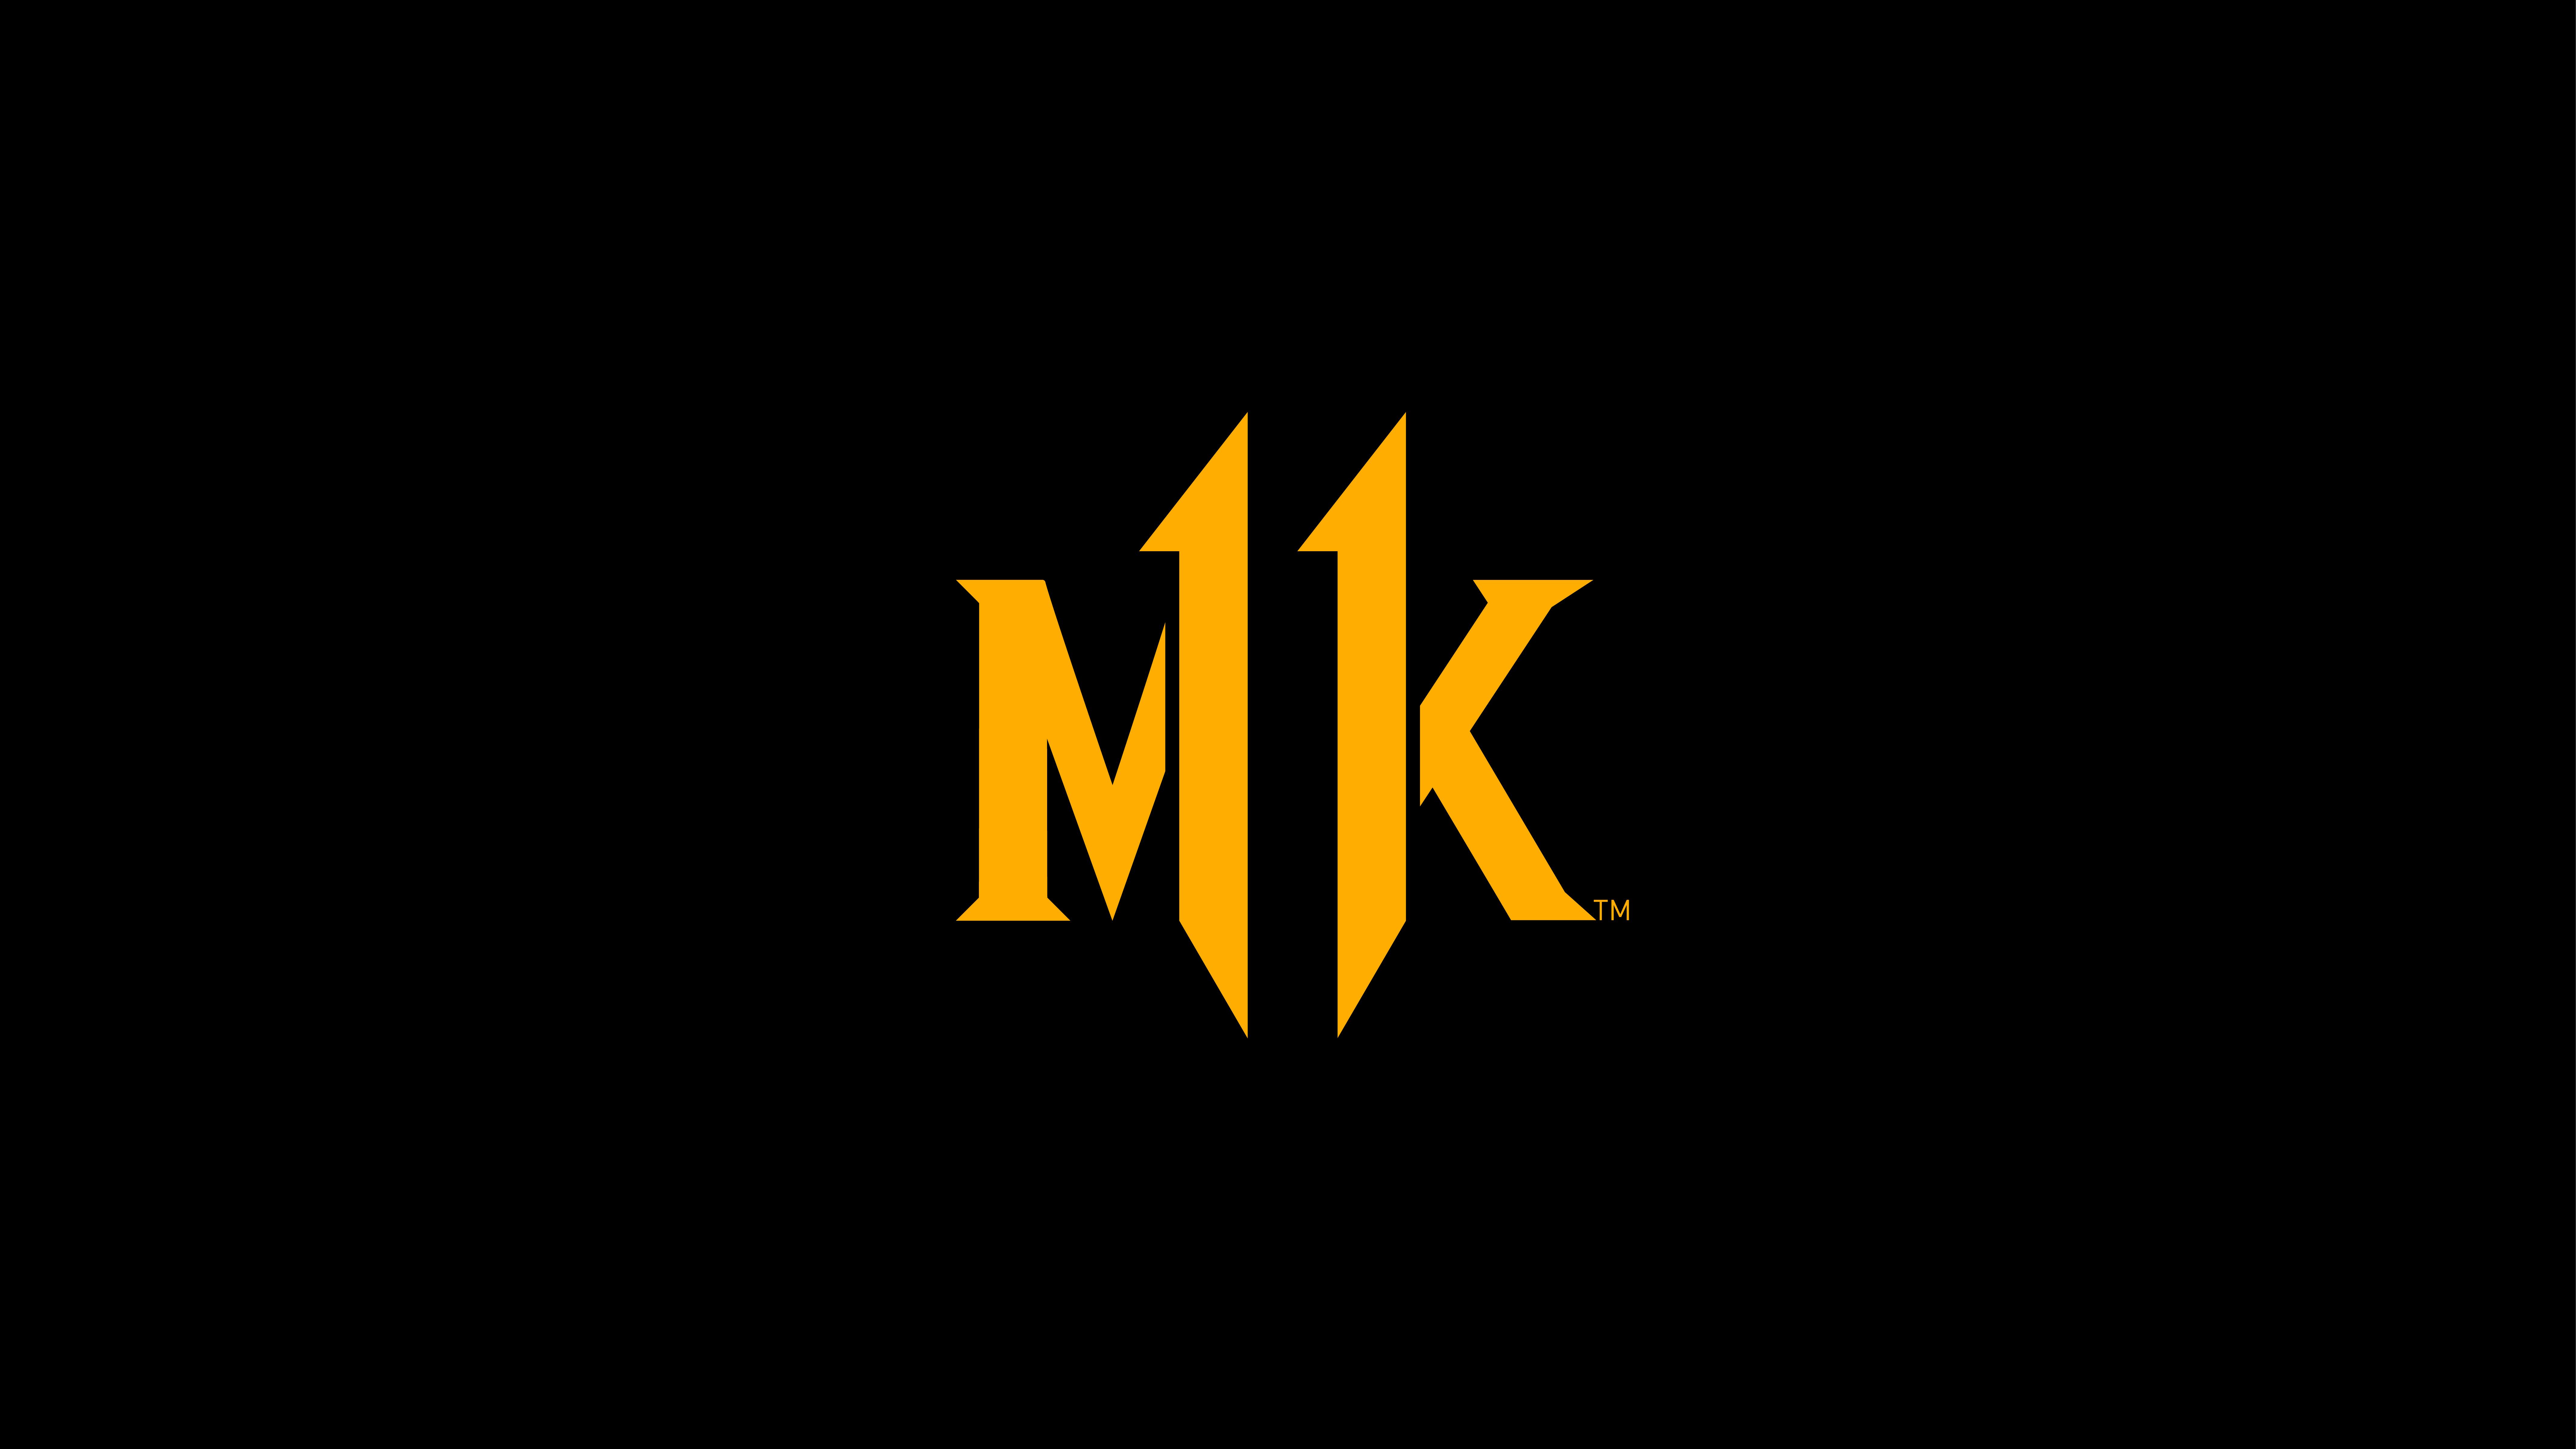 Логотип - Mortal Kombat 11 8K